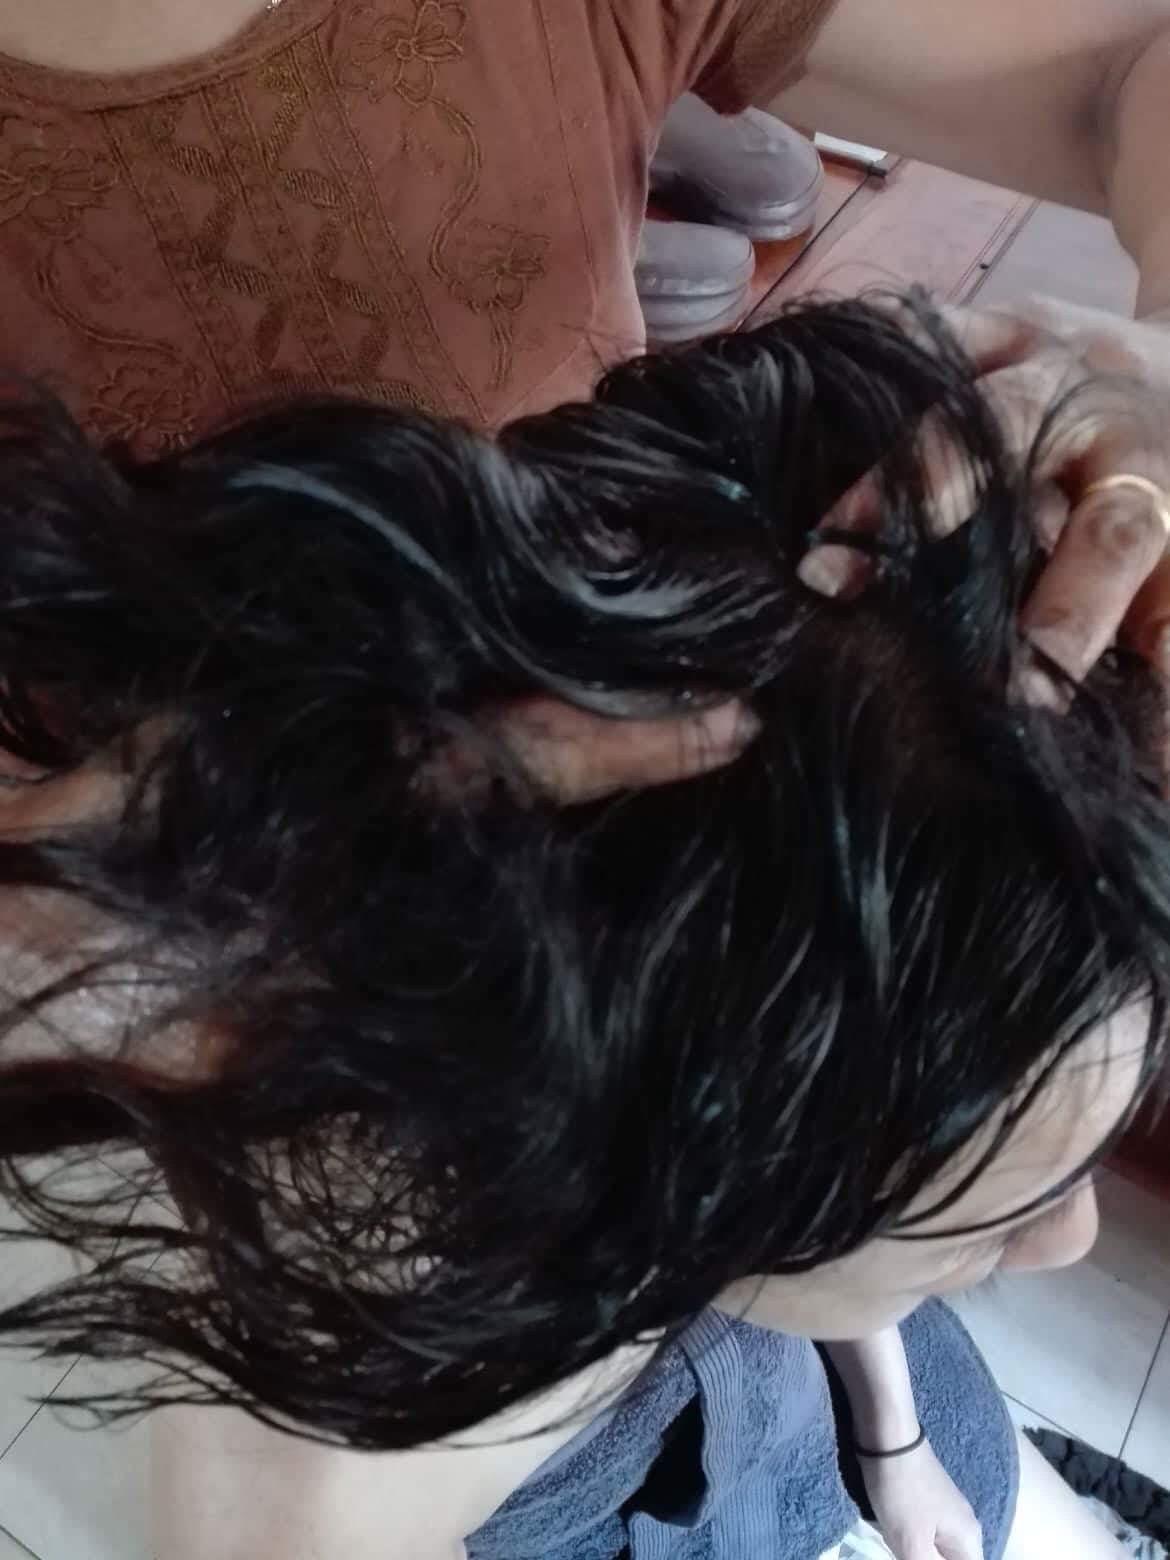 アーユルヴェーダ・カティバスティ チャクラバスティの期待効果は腰痛背骨の痛みヘルニア便秘消化不良など